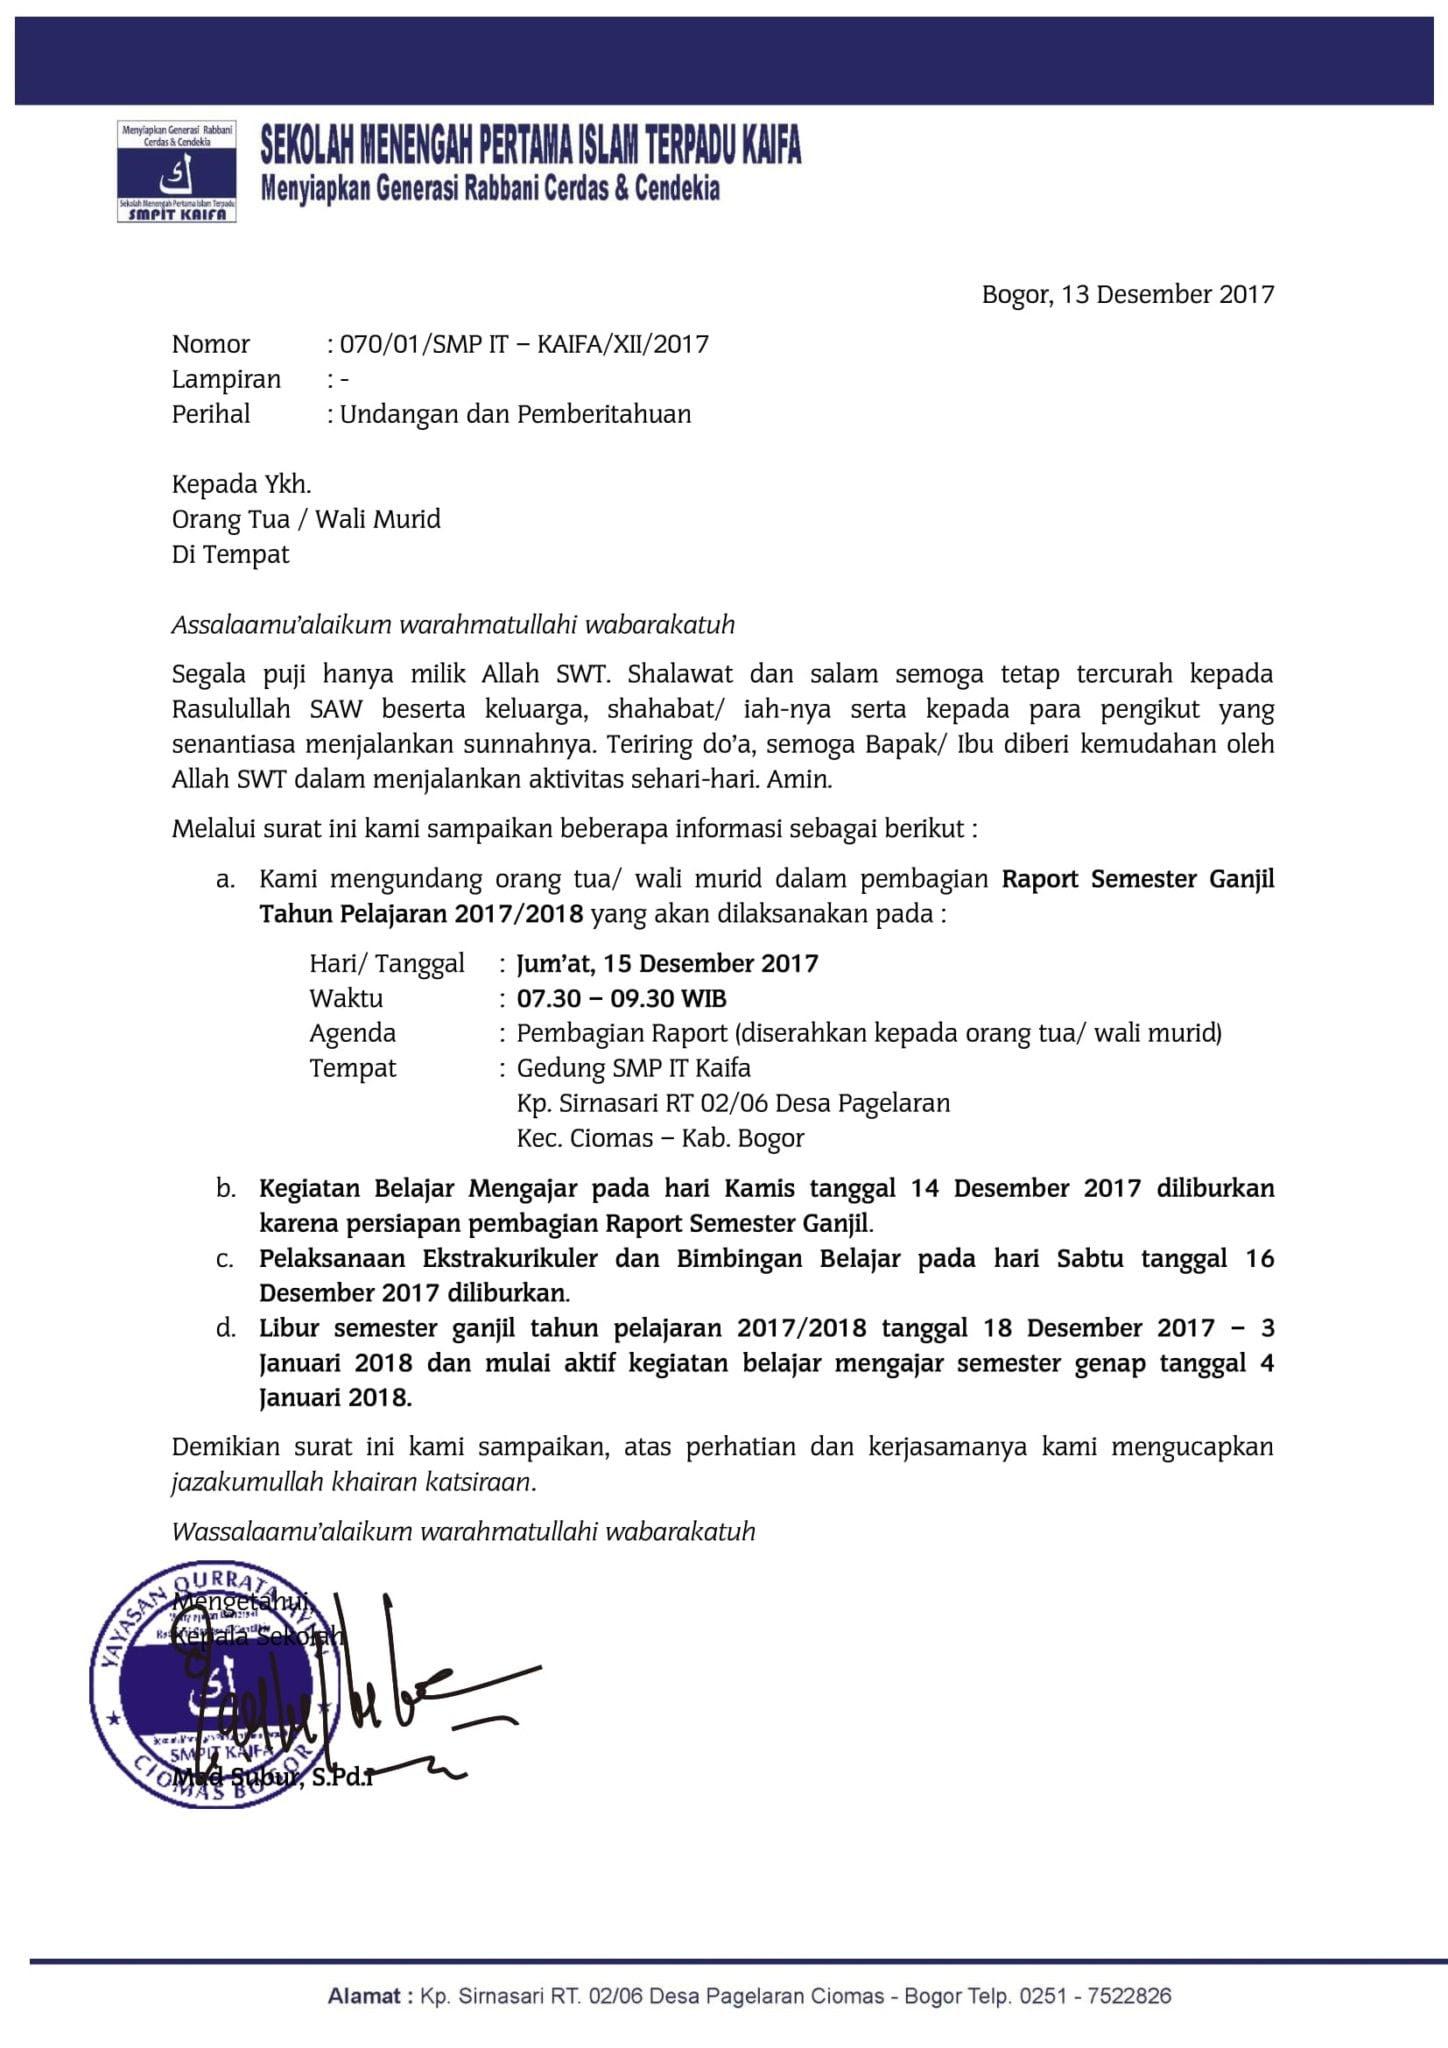 Surat Pemberitahuan Pembagian Raport Dan Libur Semester Ganjil Sekolah Islam Terpadu Kaifa